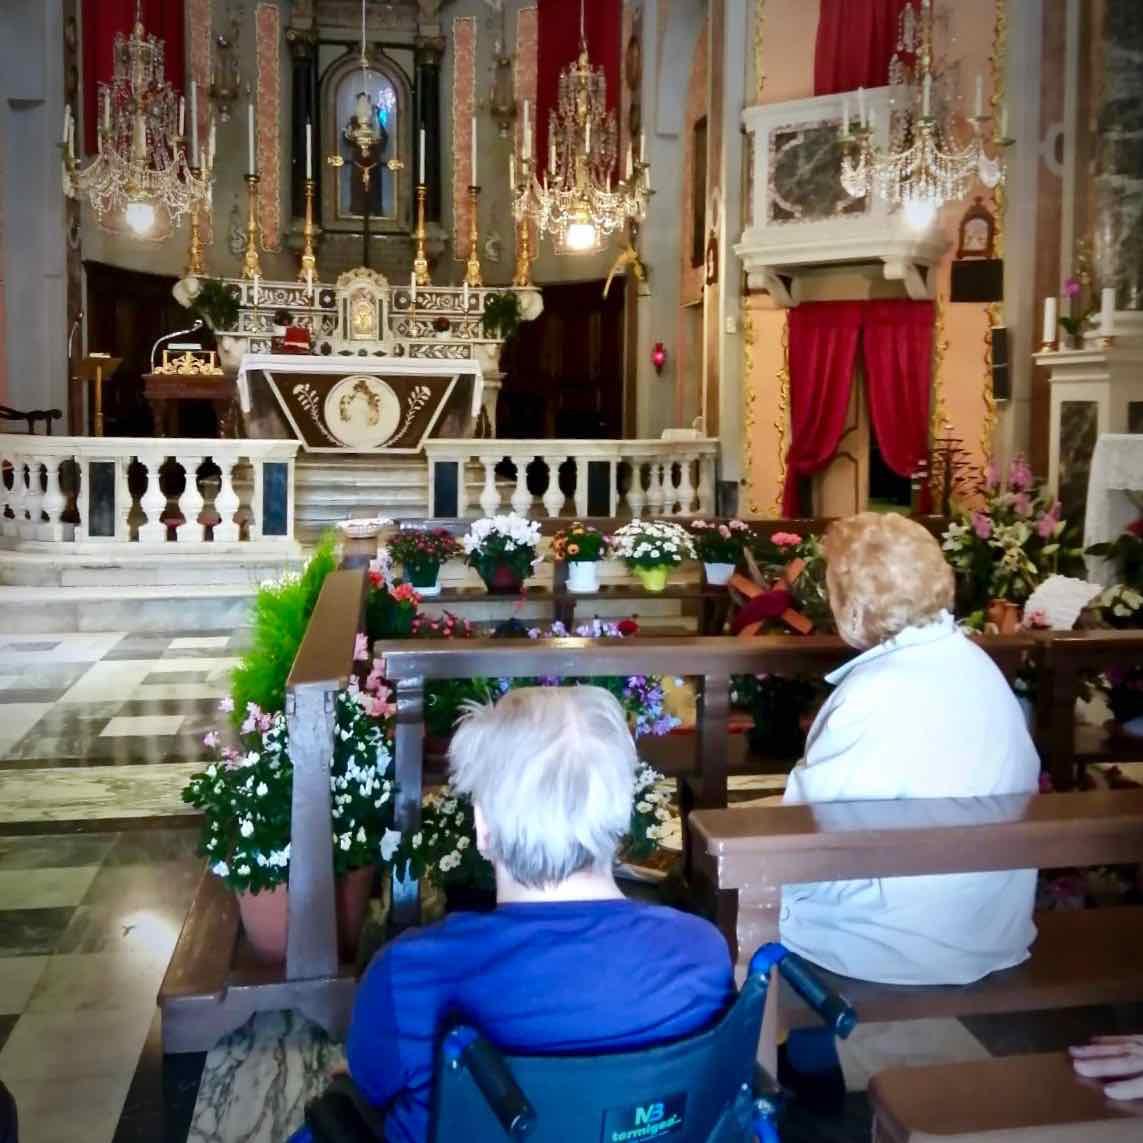 Centro Diurno Anziani - Visita sepolcro Pontori 2019.04.18 - 7